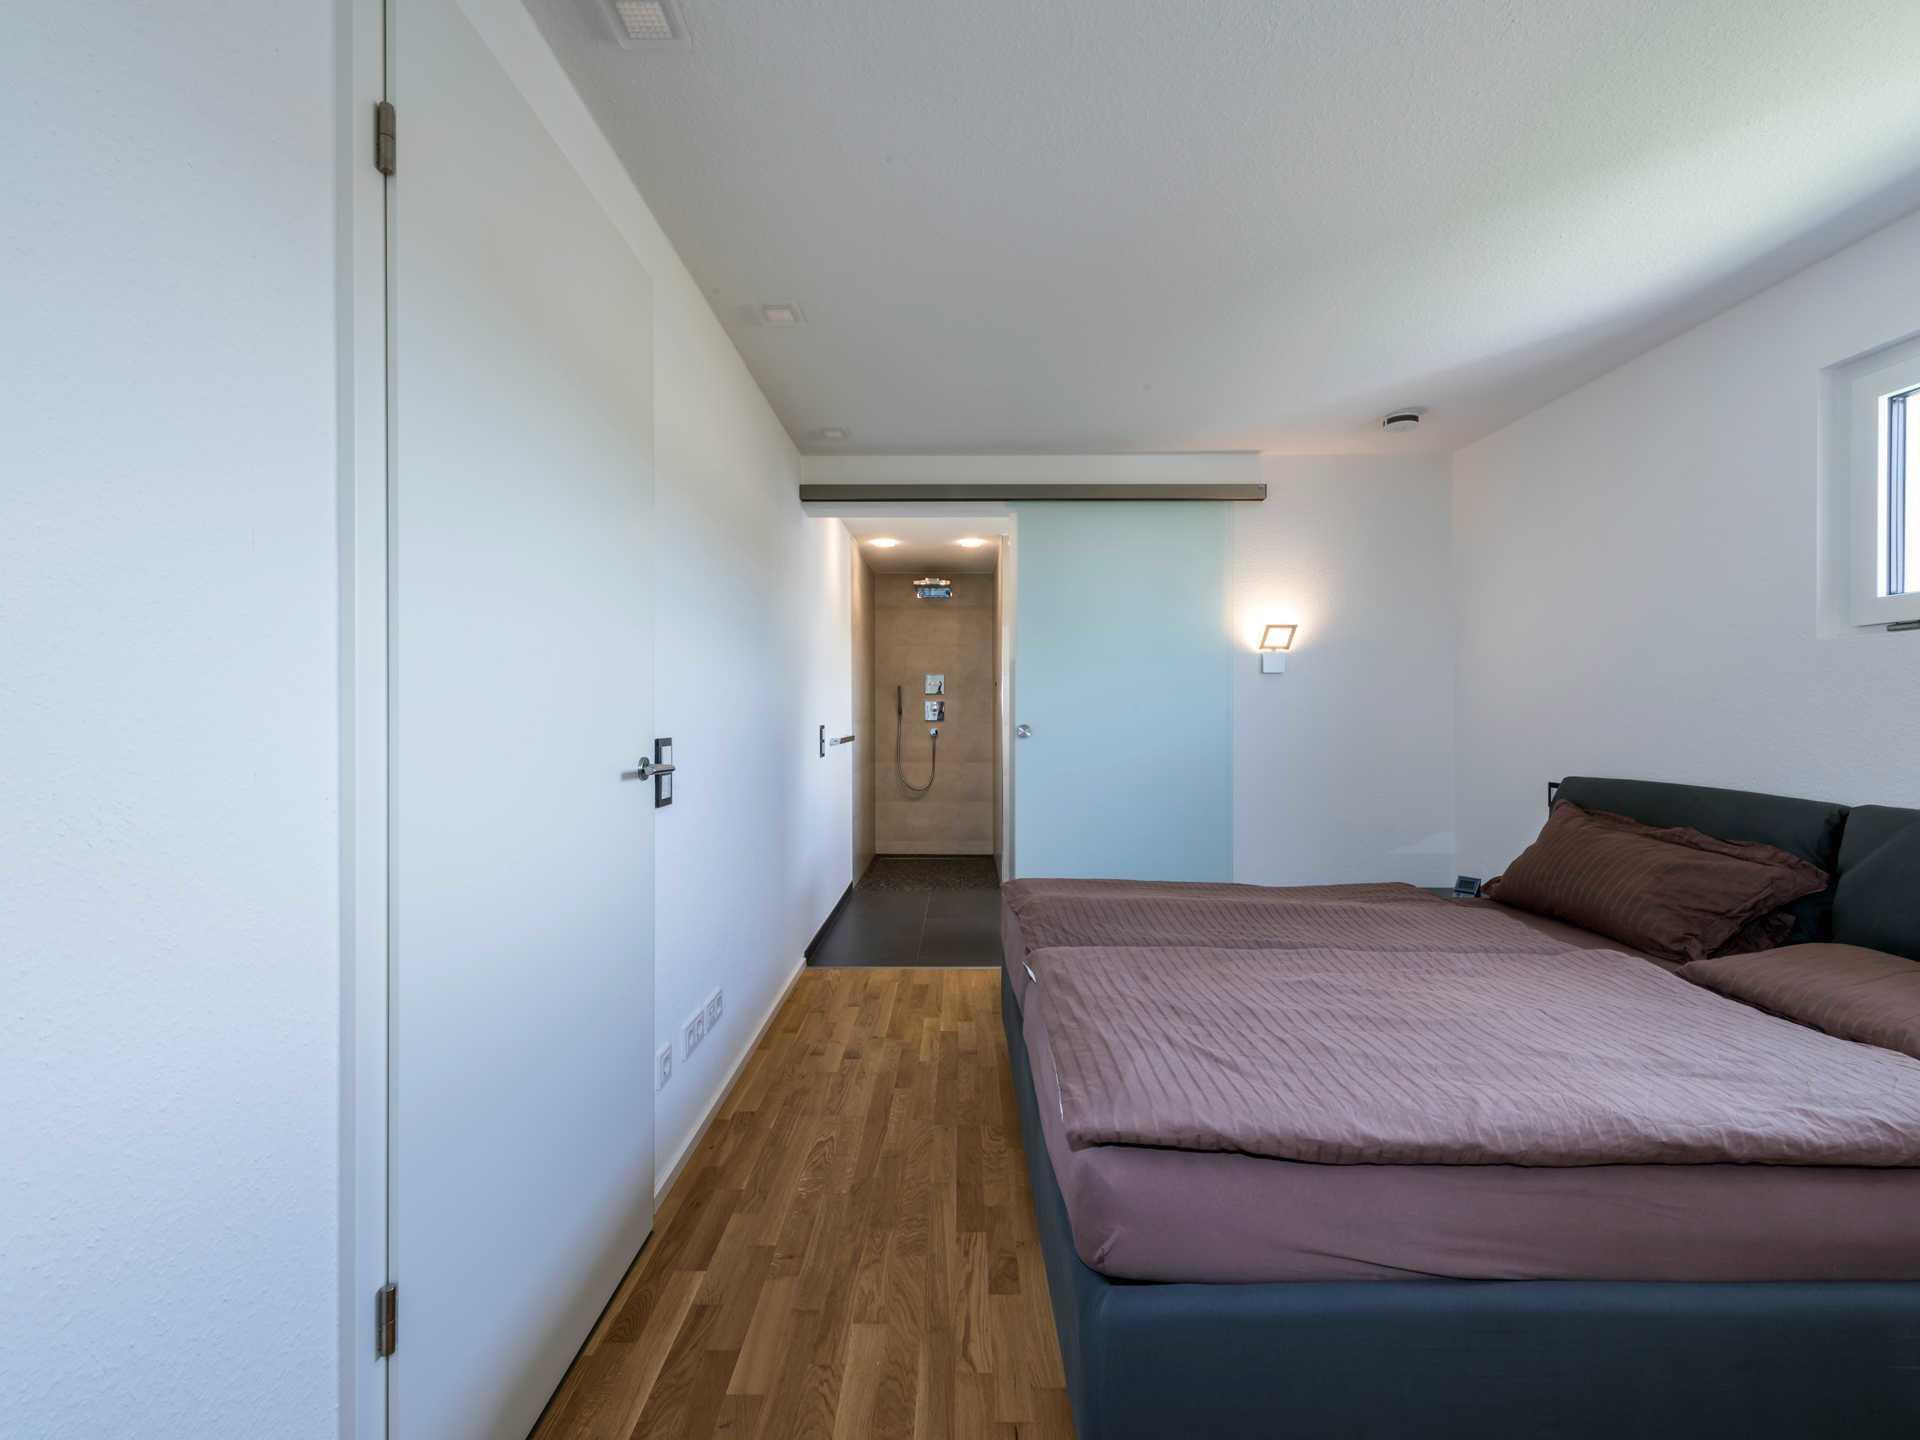 Schlafzimmer Mit Offener Dusche